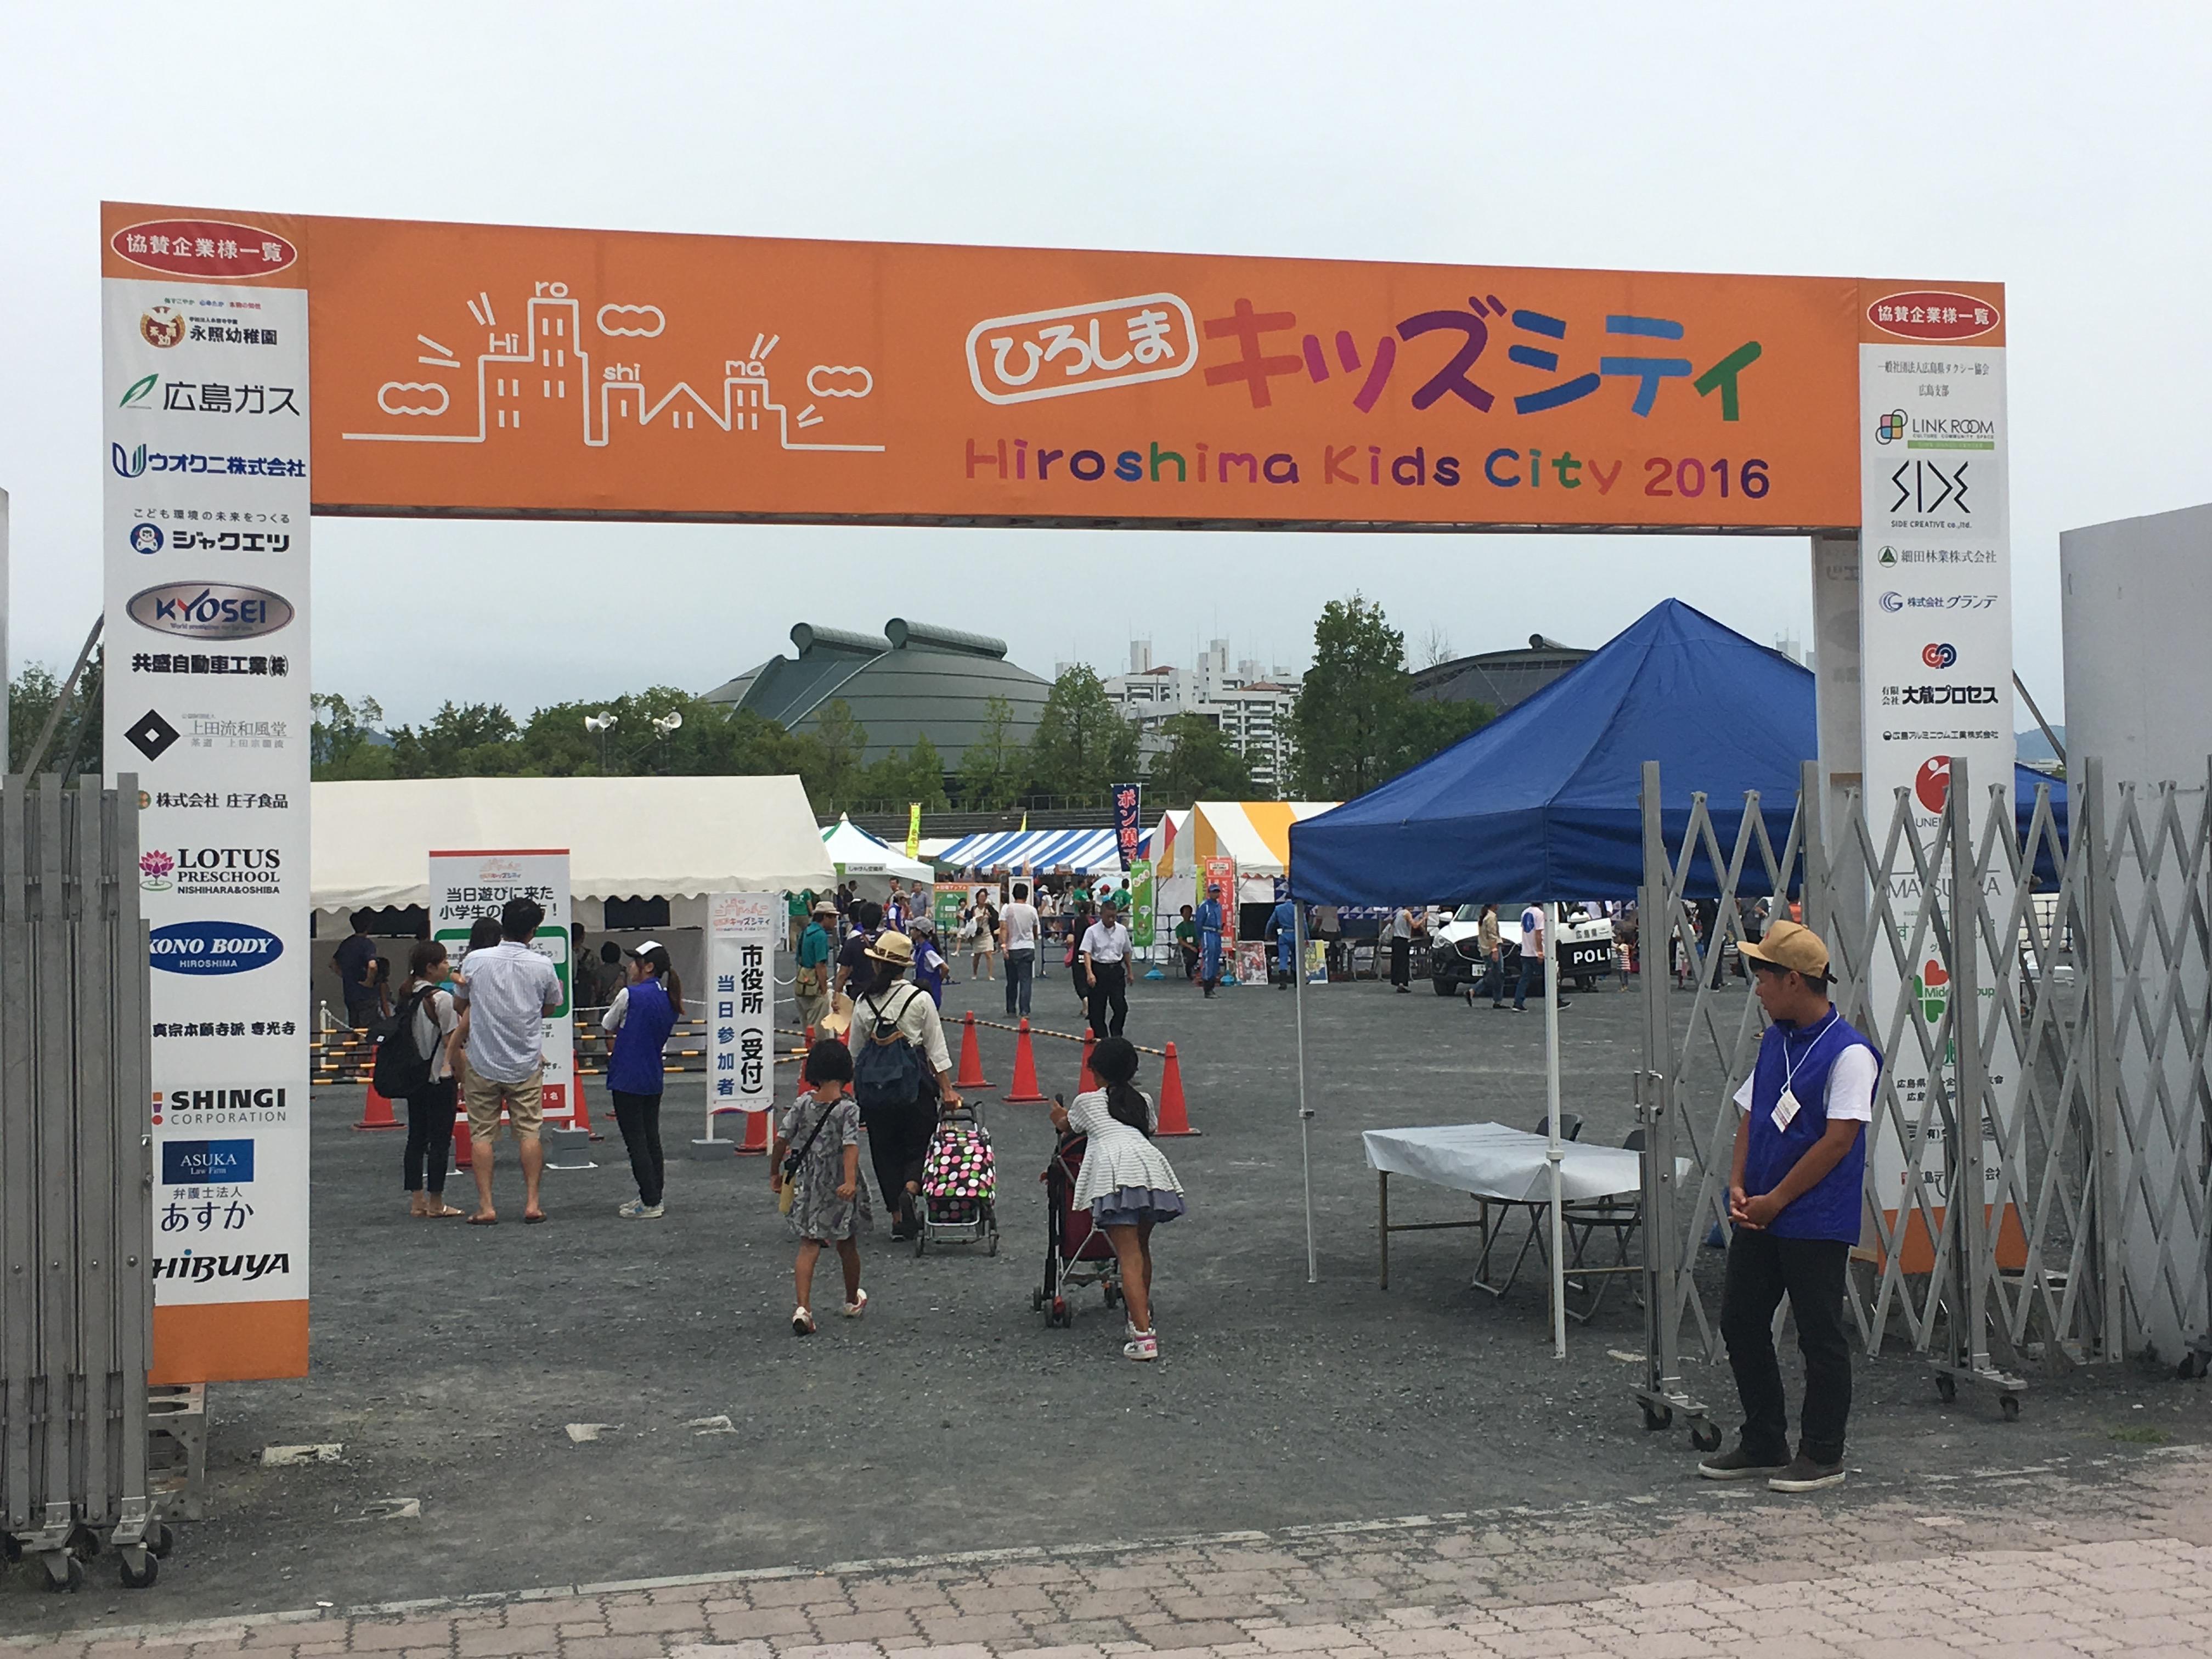 広島キッズシティ2016